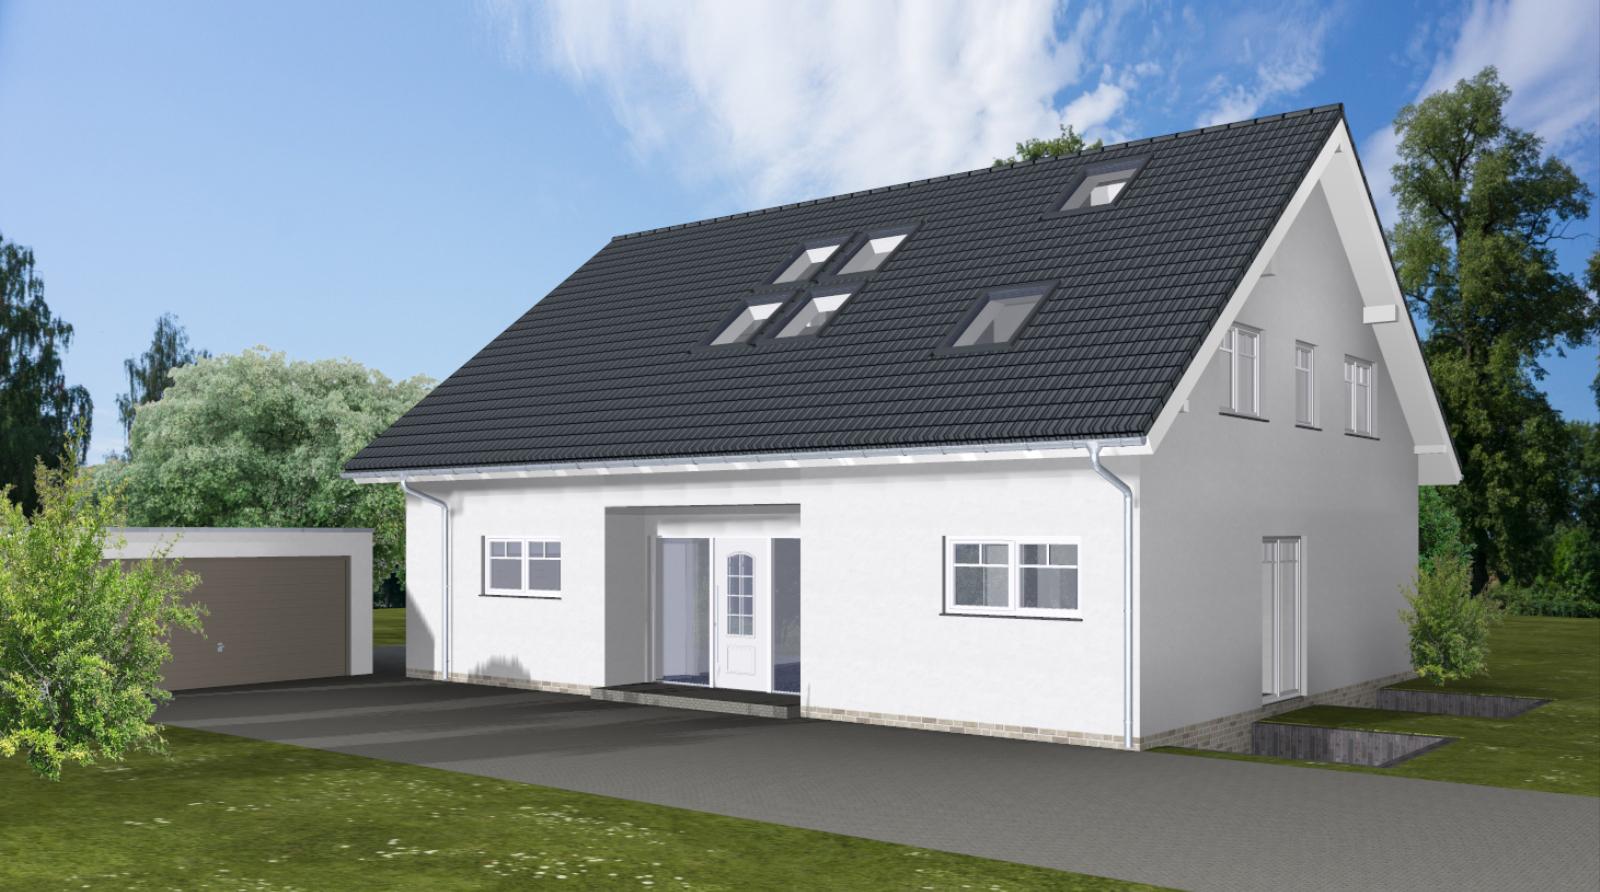 ARTOS HAUS Bauvorhaben Bonn-Ückesdorf, Einfamilienhaus Individuell geplant und gebaut 2021. Bild 1